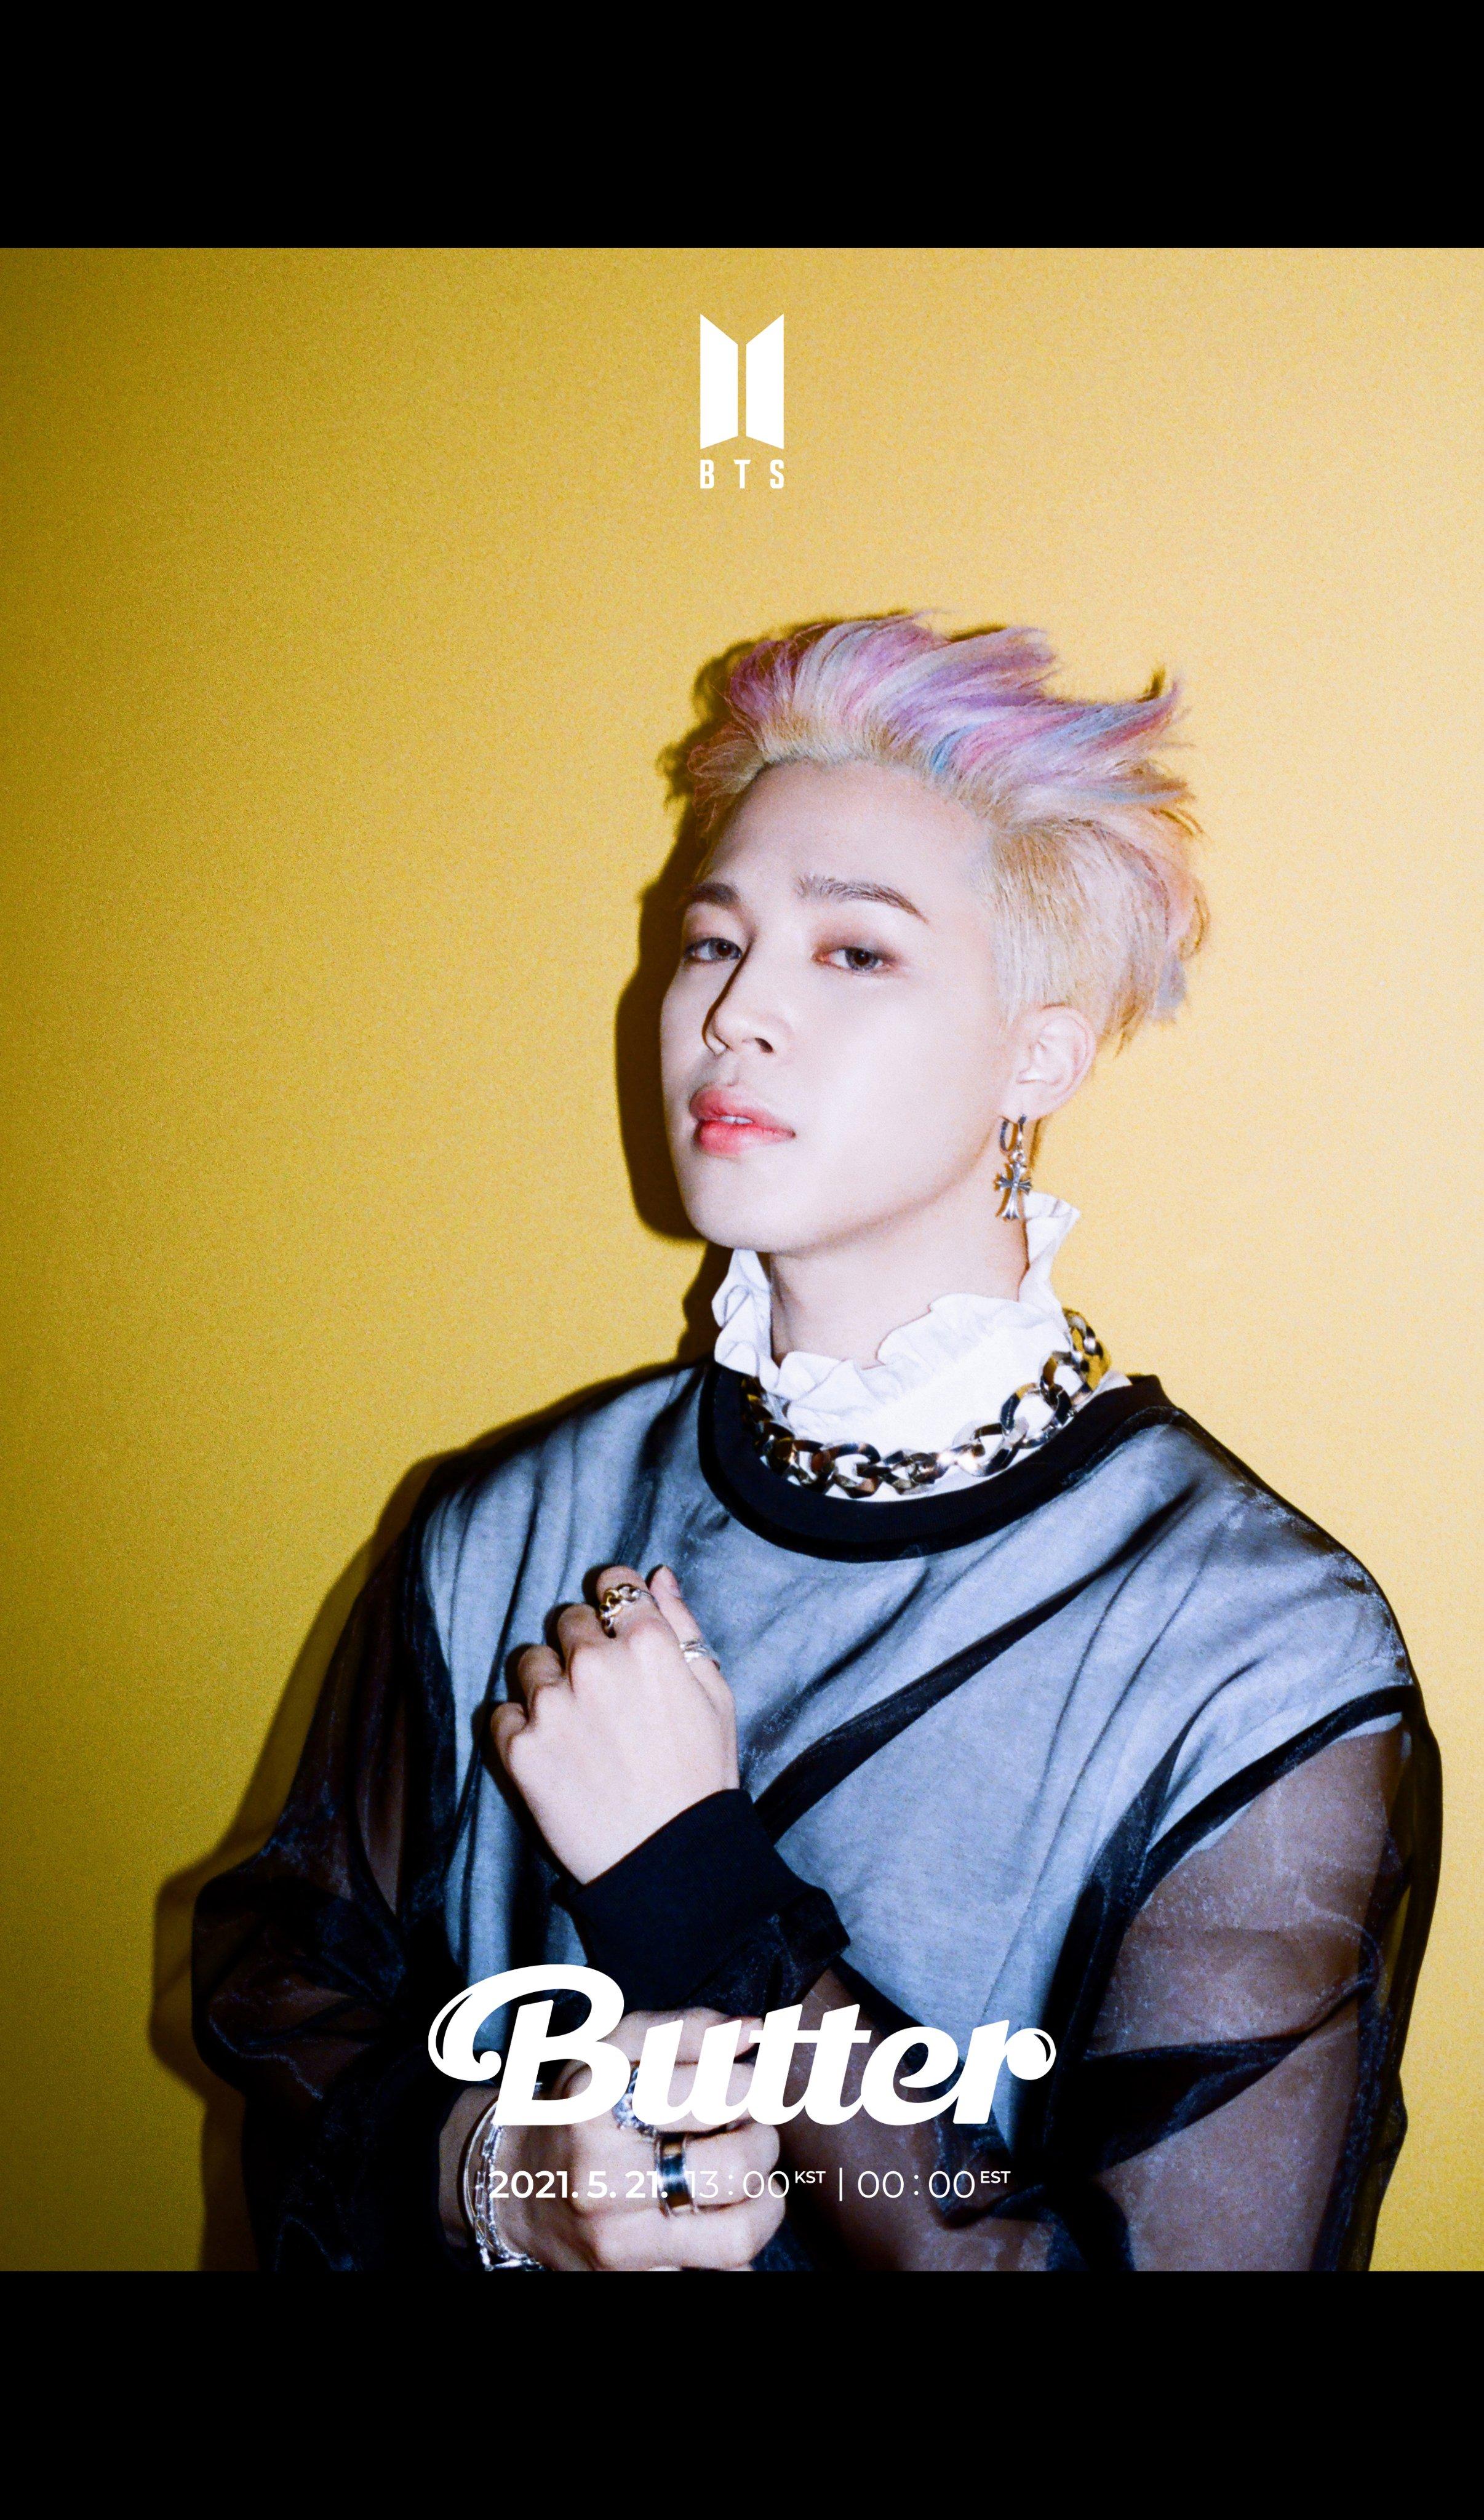 BTS Butter Teaser Photos 20 HD/HQ   K Pop Database / dbkpop.com